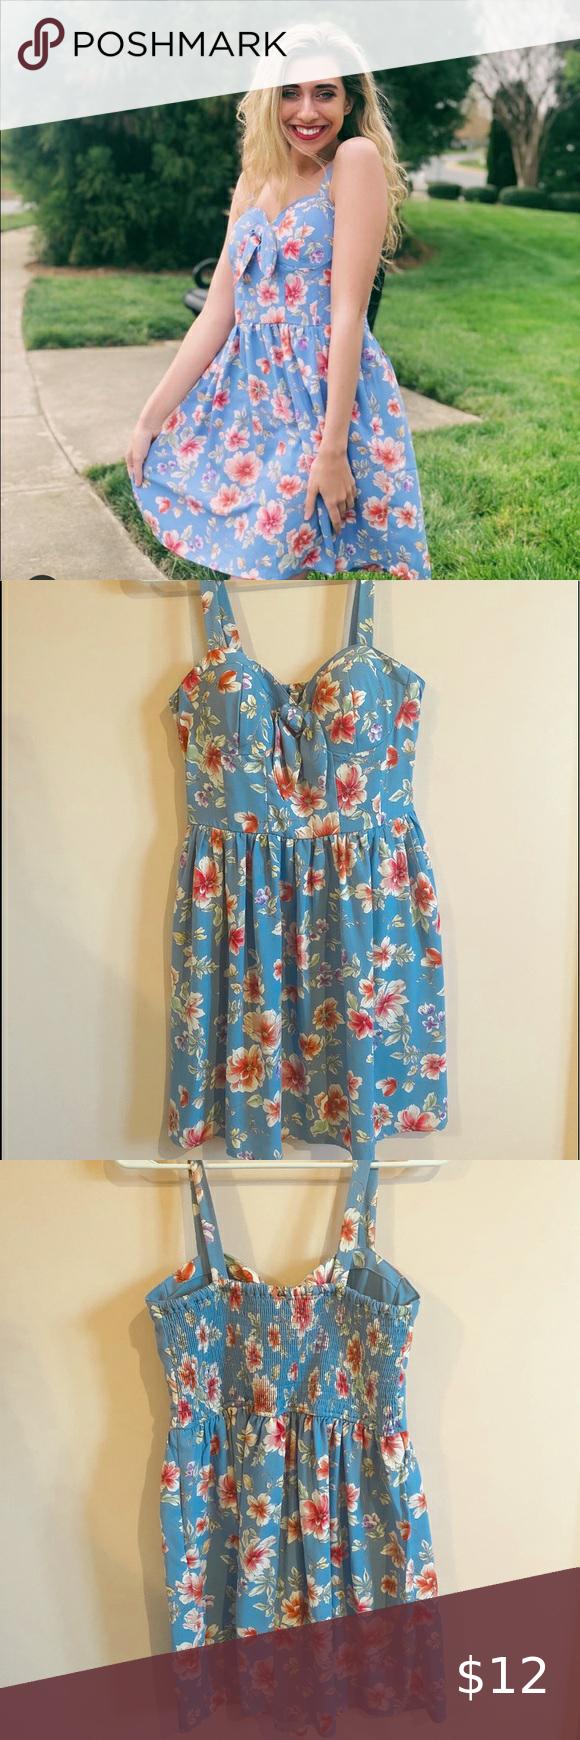 Blue Floral Dress Floral Blue Dress Floral Dress Dresses [ 1740 x 580 Pixel ]